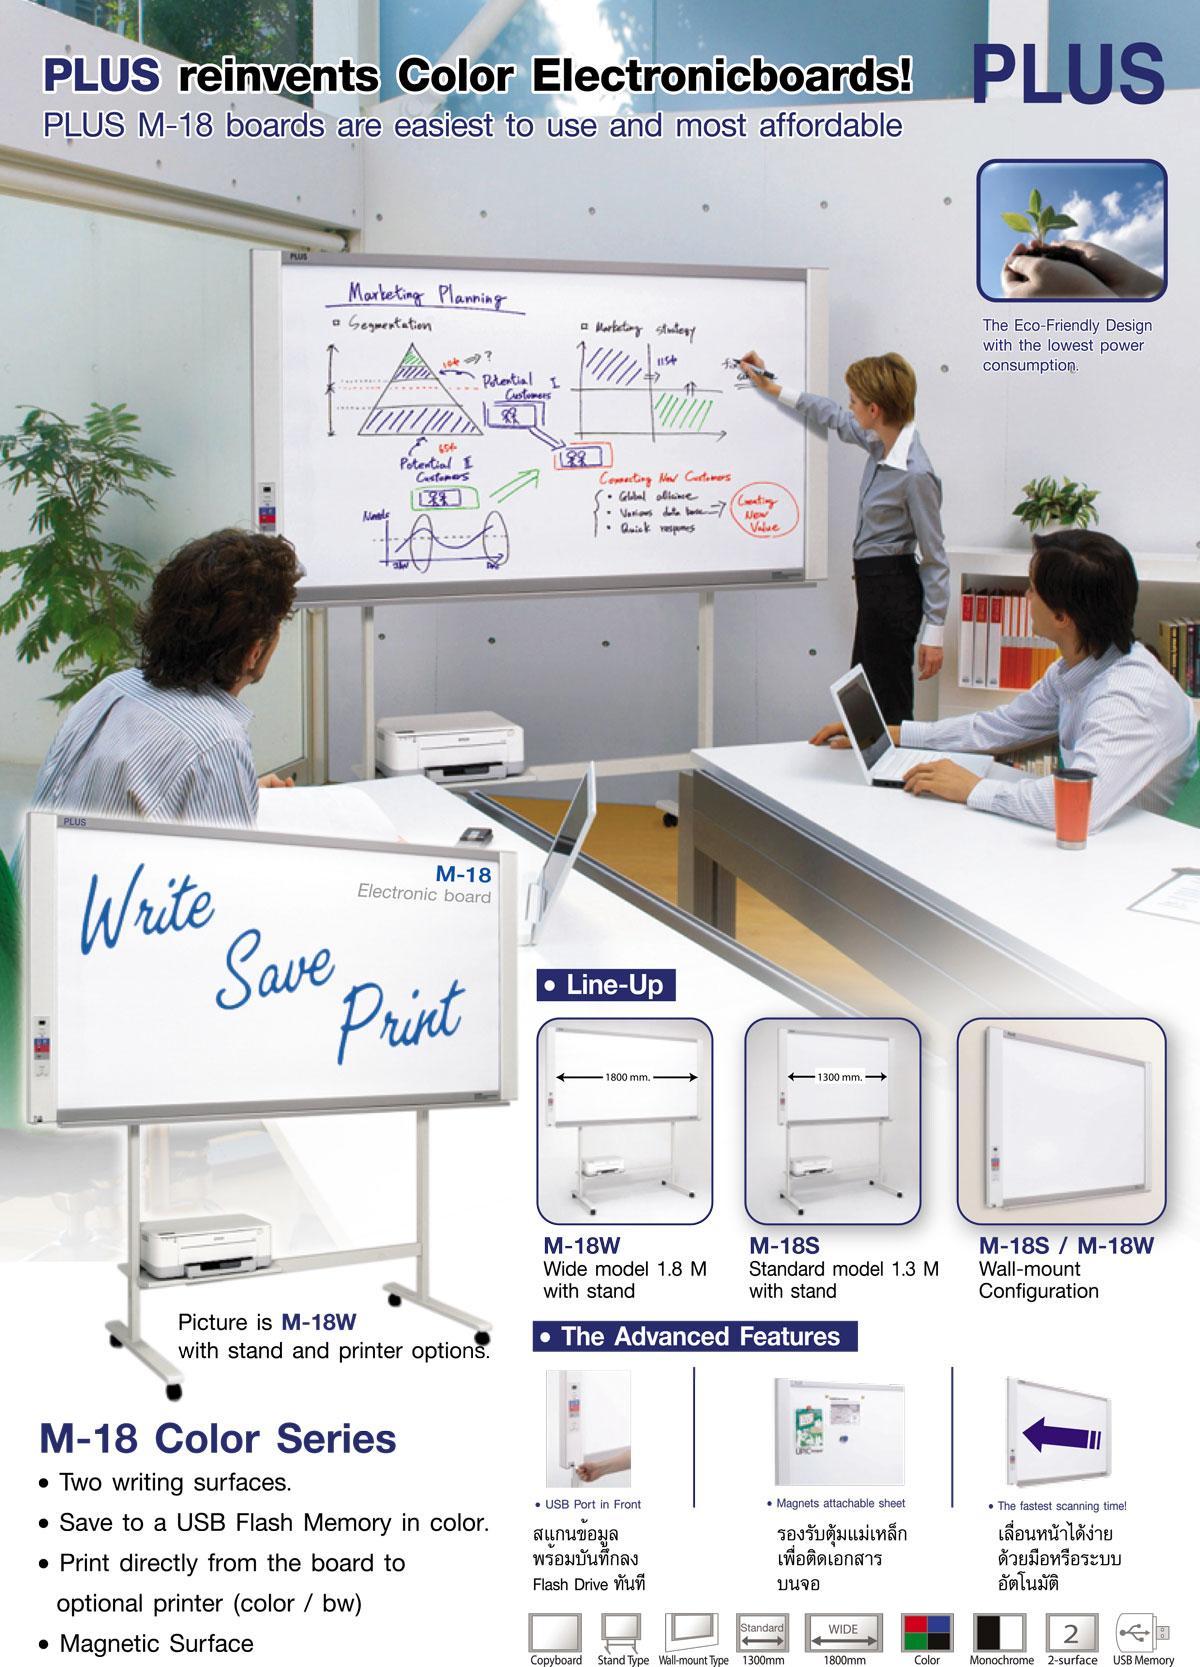 Plus M-18Ss  Electronic Copyboard Board กระดานอิเล็กทรอนิกส์อัจฉริยะ กระดานนำเสนองานพรีเซ้นต์